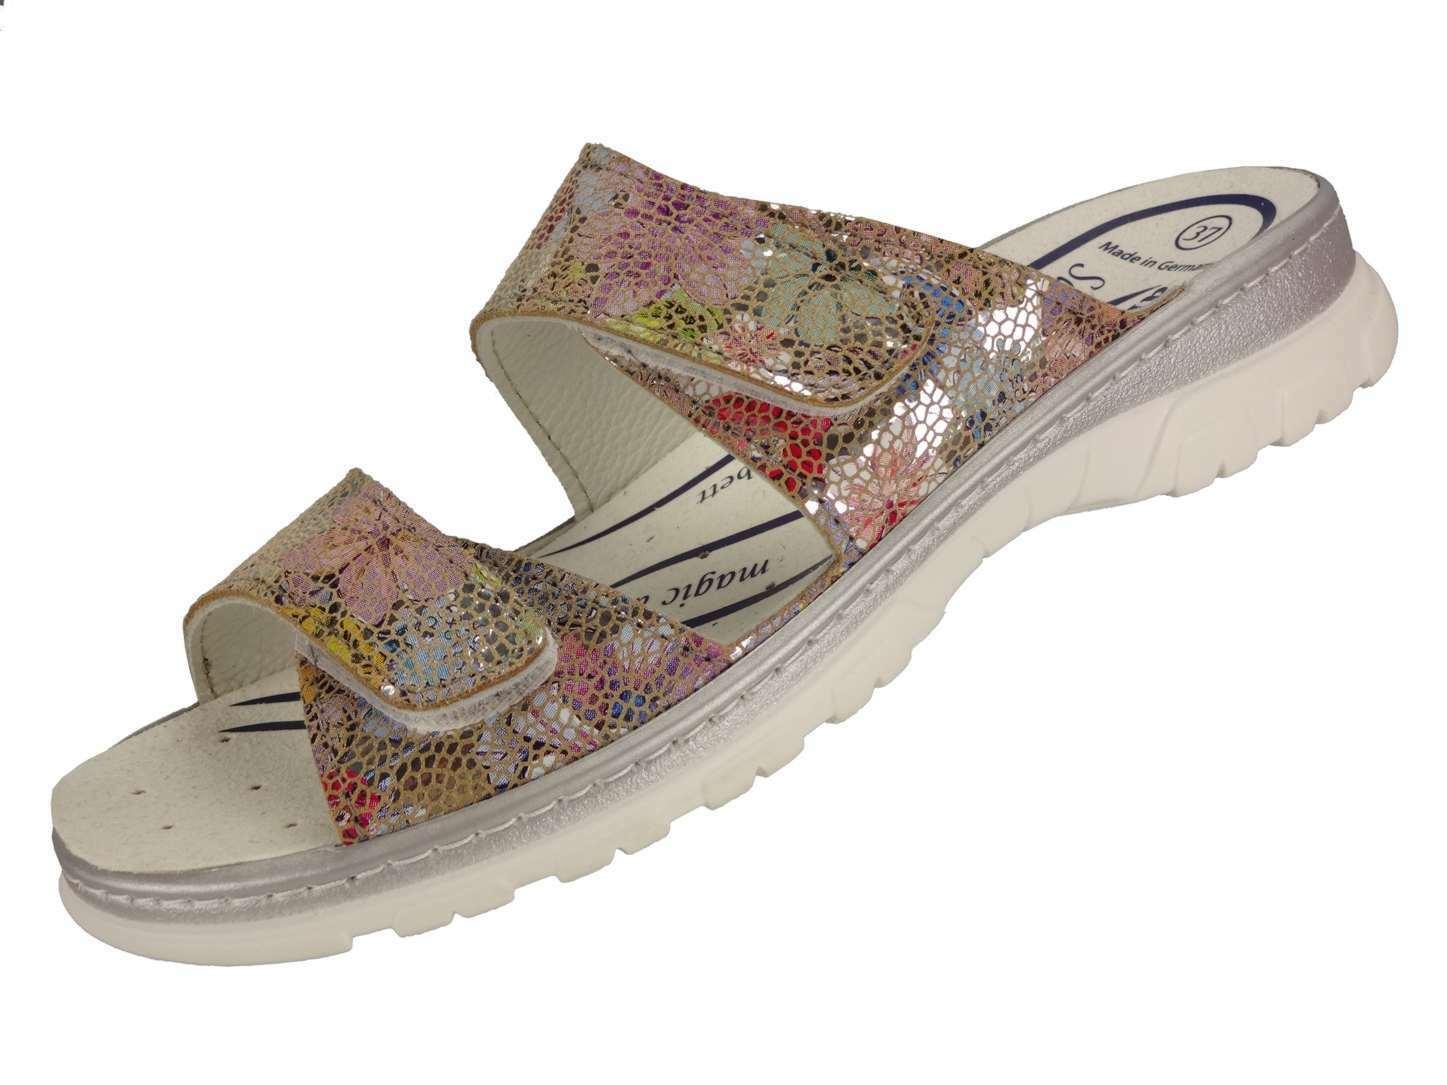 Algemare sandalia es decorado de cuero relleno sanipur cambio cambio cambio plantilla 6716 _ 9658  mas barato